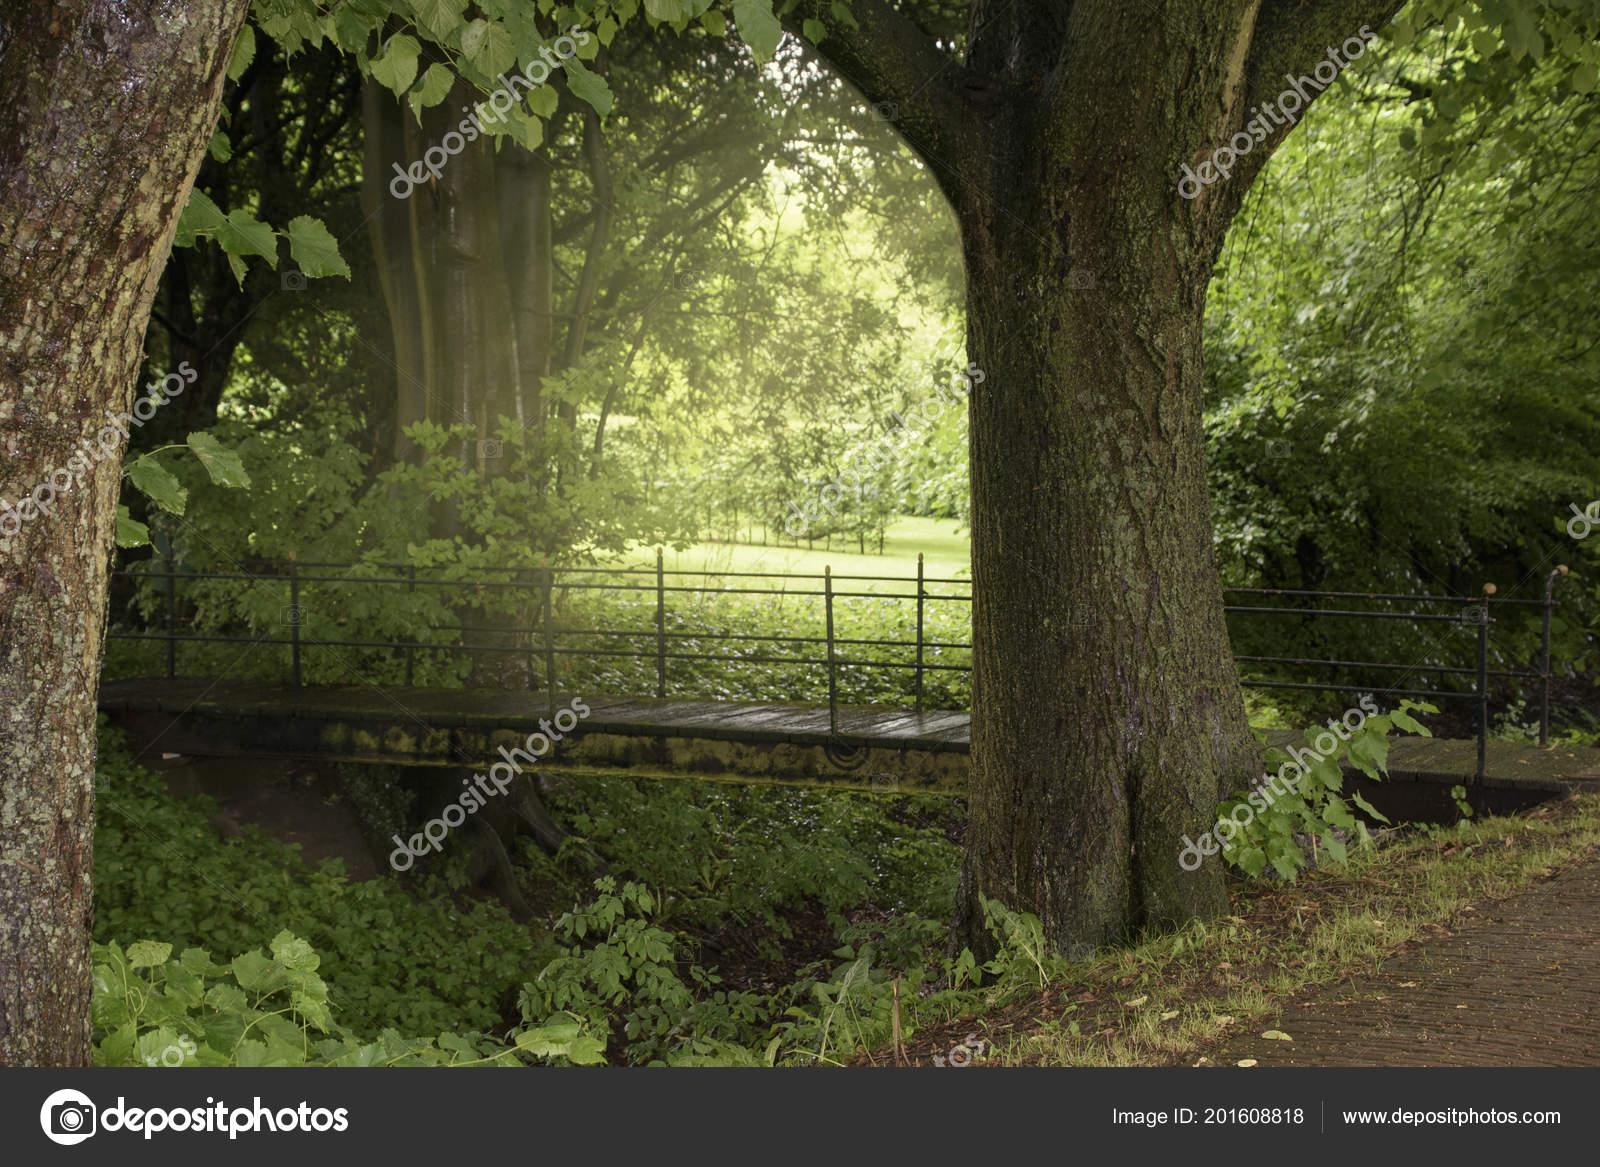 5f56e1f385 暖かい日差しと夏の緑豊かな公園で明るい夕日 — ストック写真 © brita ...